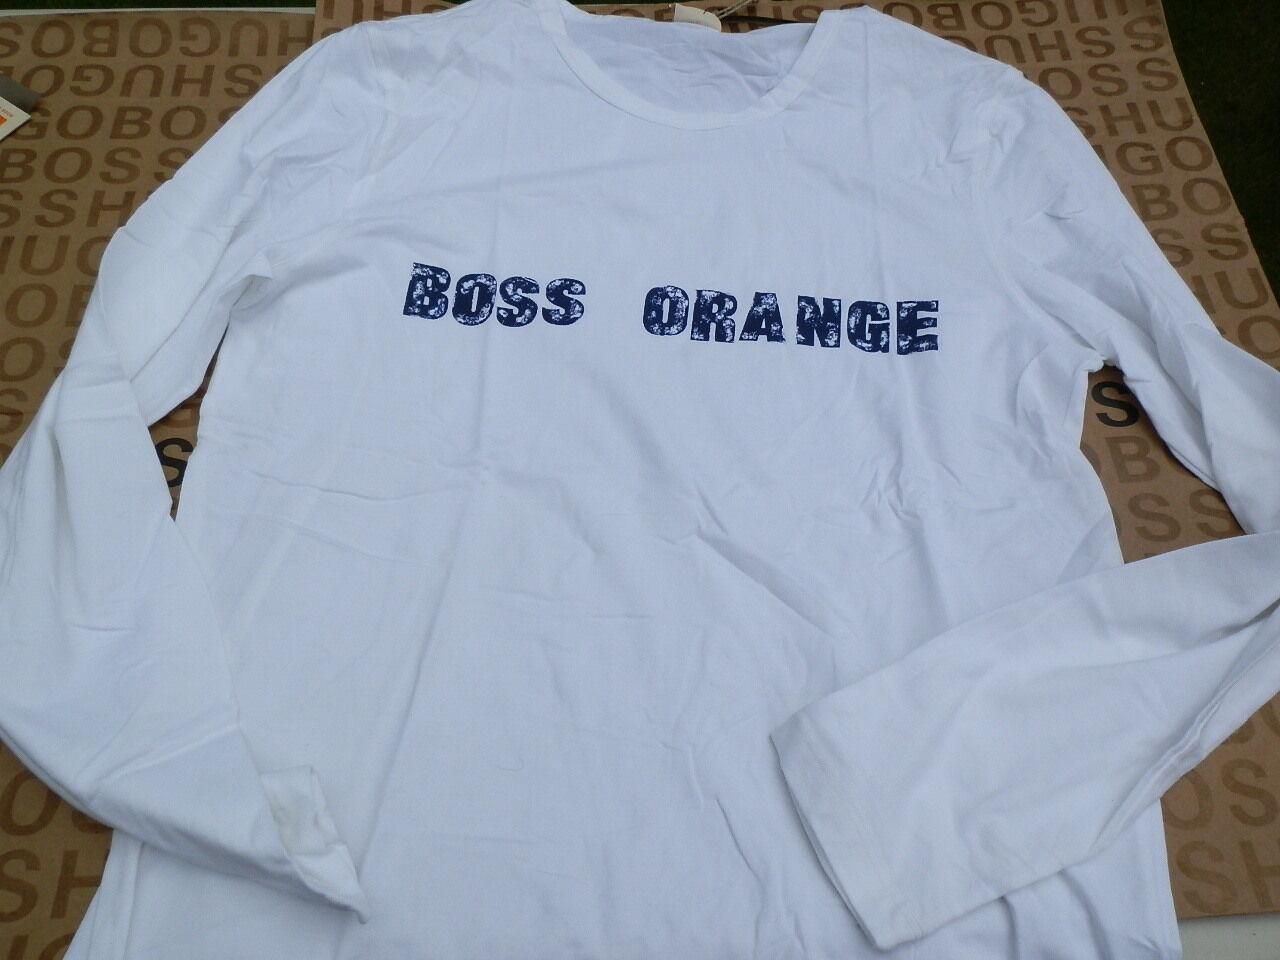 NEW HUGO BOSS MEN WHITE BOSS orange LONG SLEEVE BAG SUIT JEANS T-SHIRT MEDIUM M